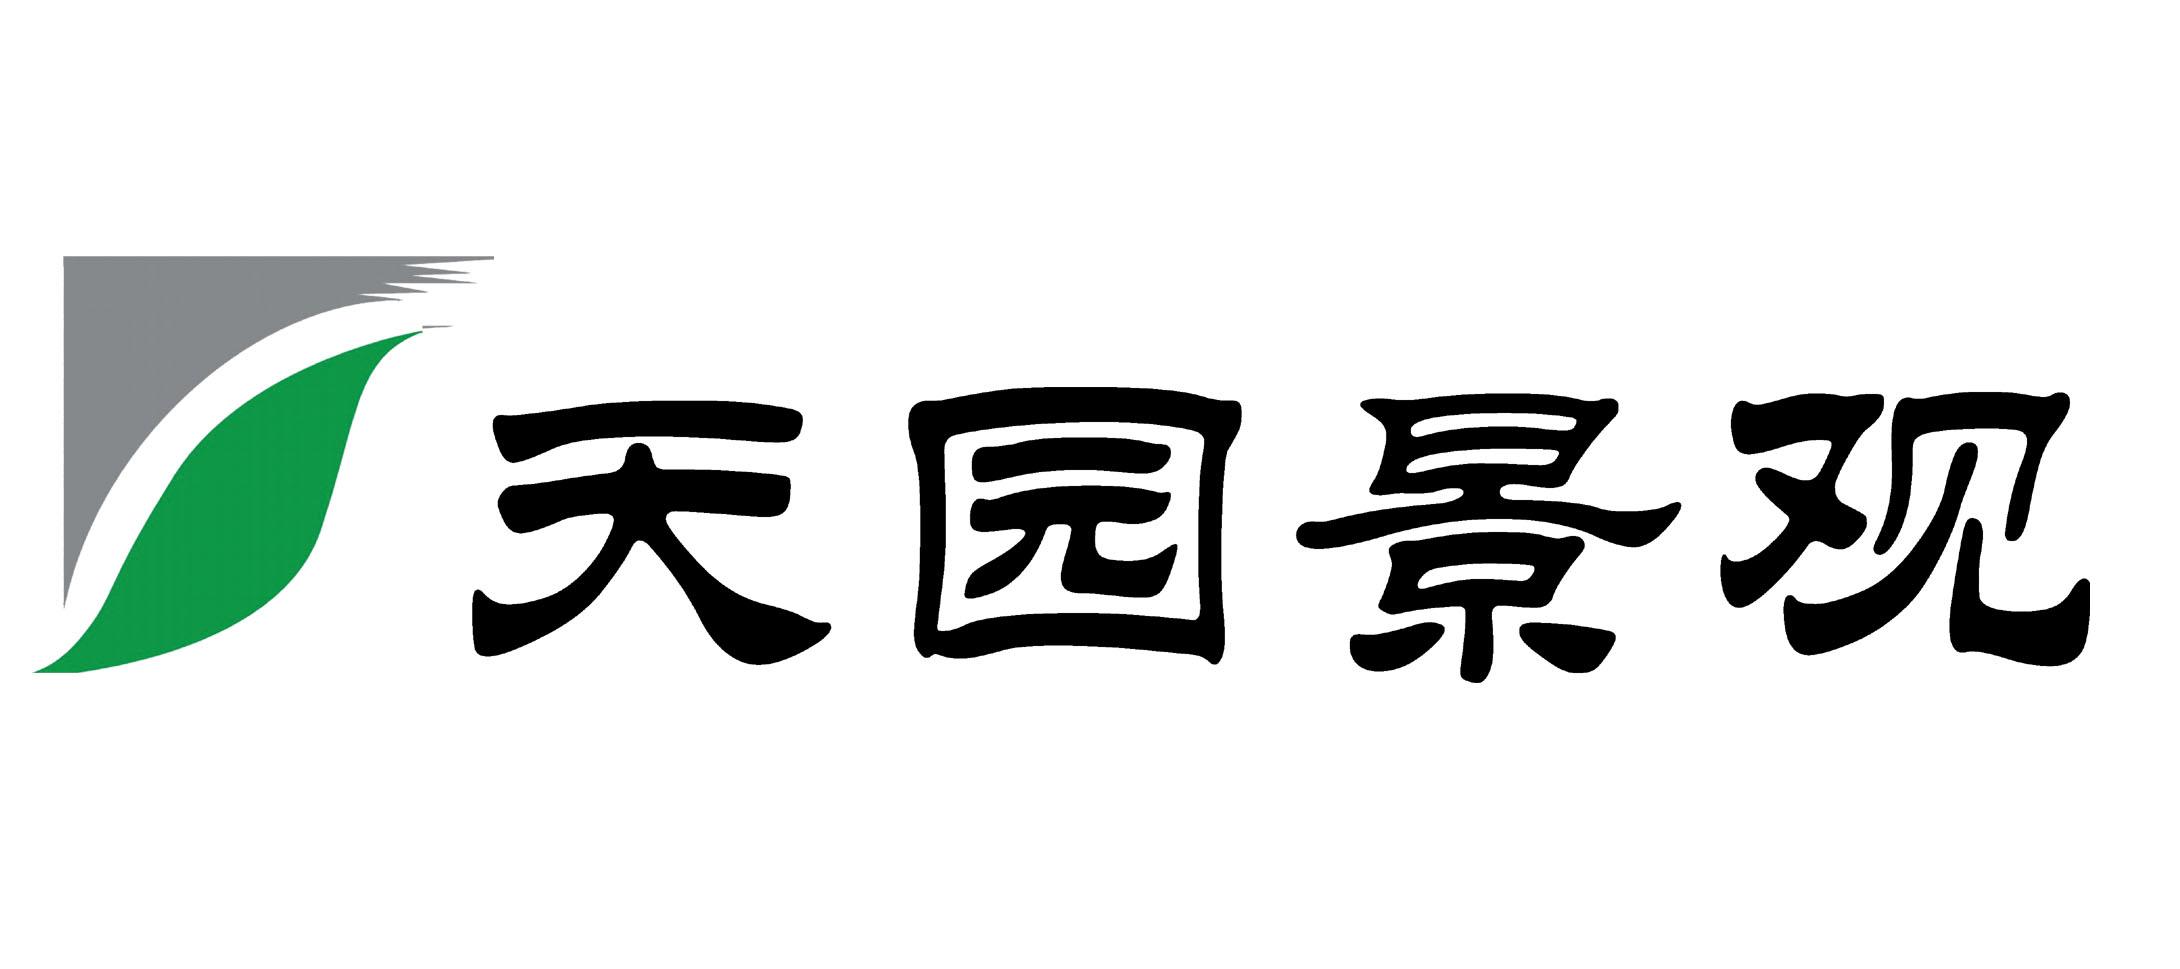 苏州天园艺术景观工程有限公司logo